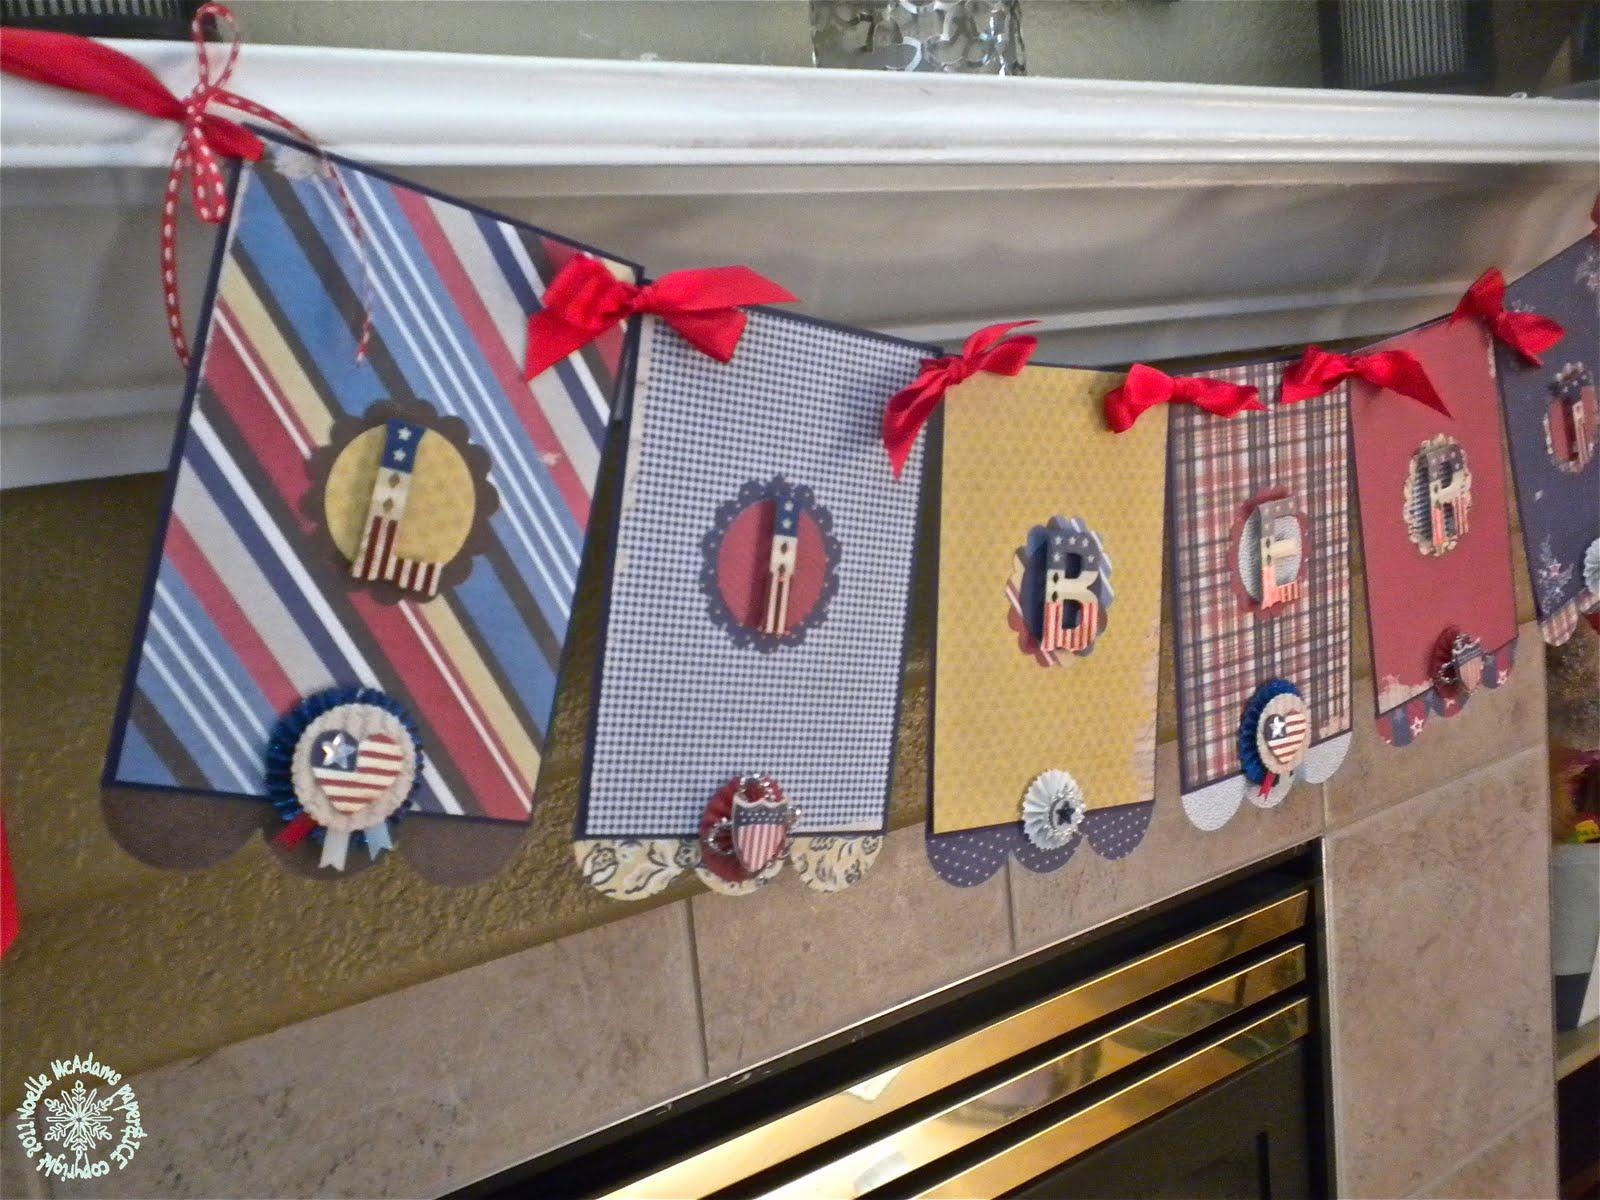 Patriotic Decor For Home: Paper & ICE: Pretty Patriotic Home Decor